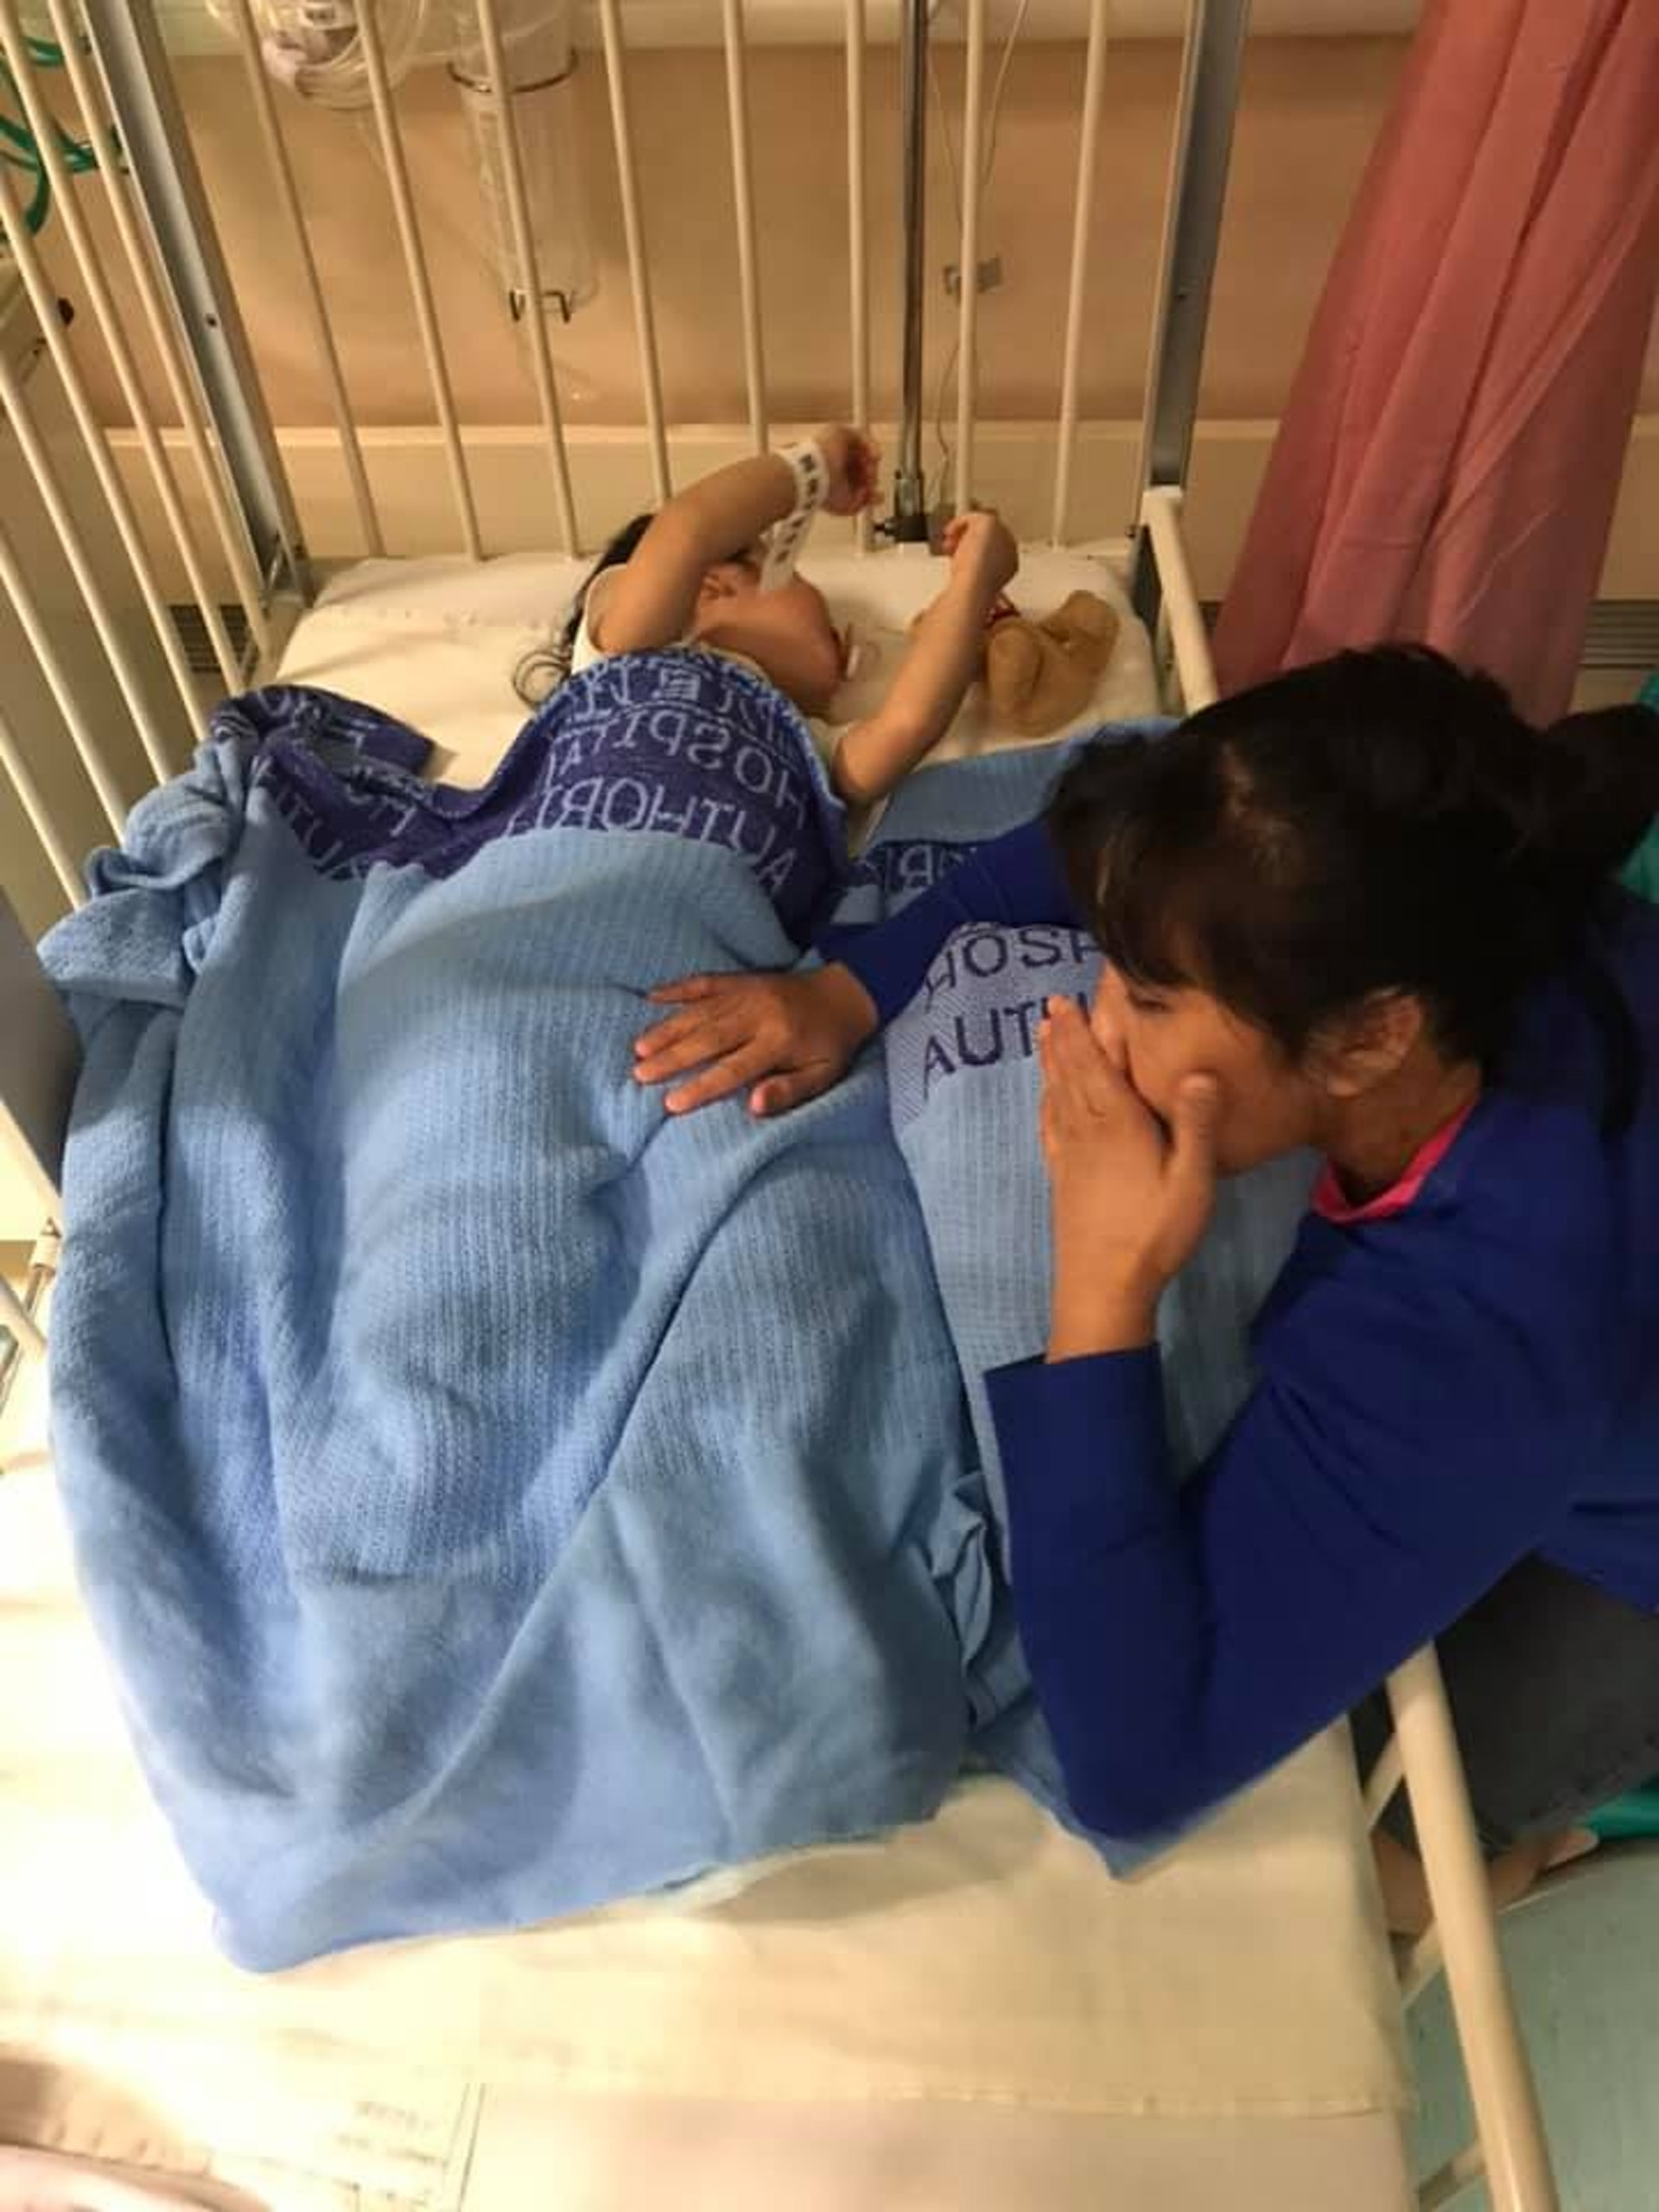 亦有網民表示自己家中亦有個好姐姐,叫樓主要珍惜。(fb群組「外傭僱主必看新聞訊息」圖片)